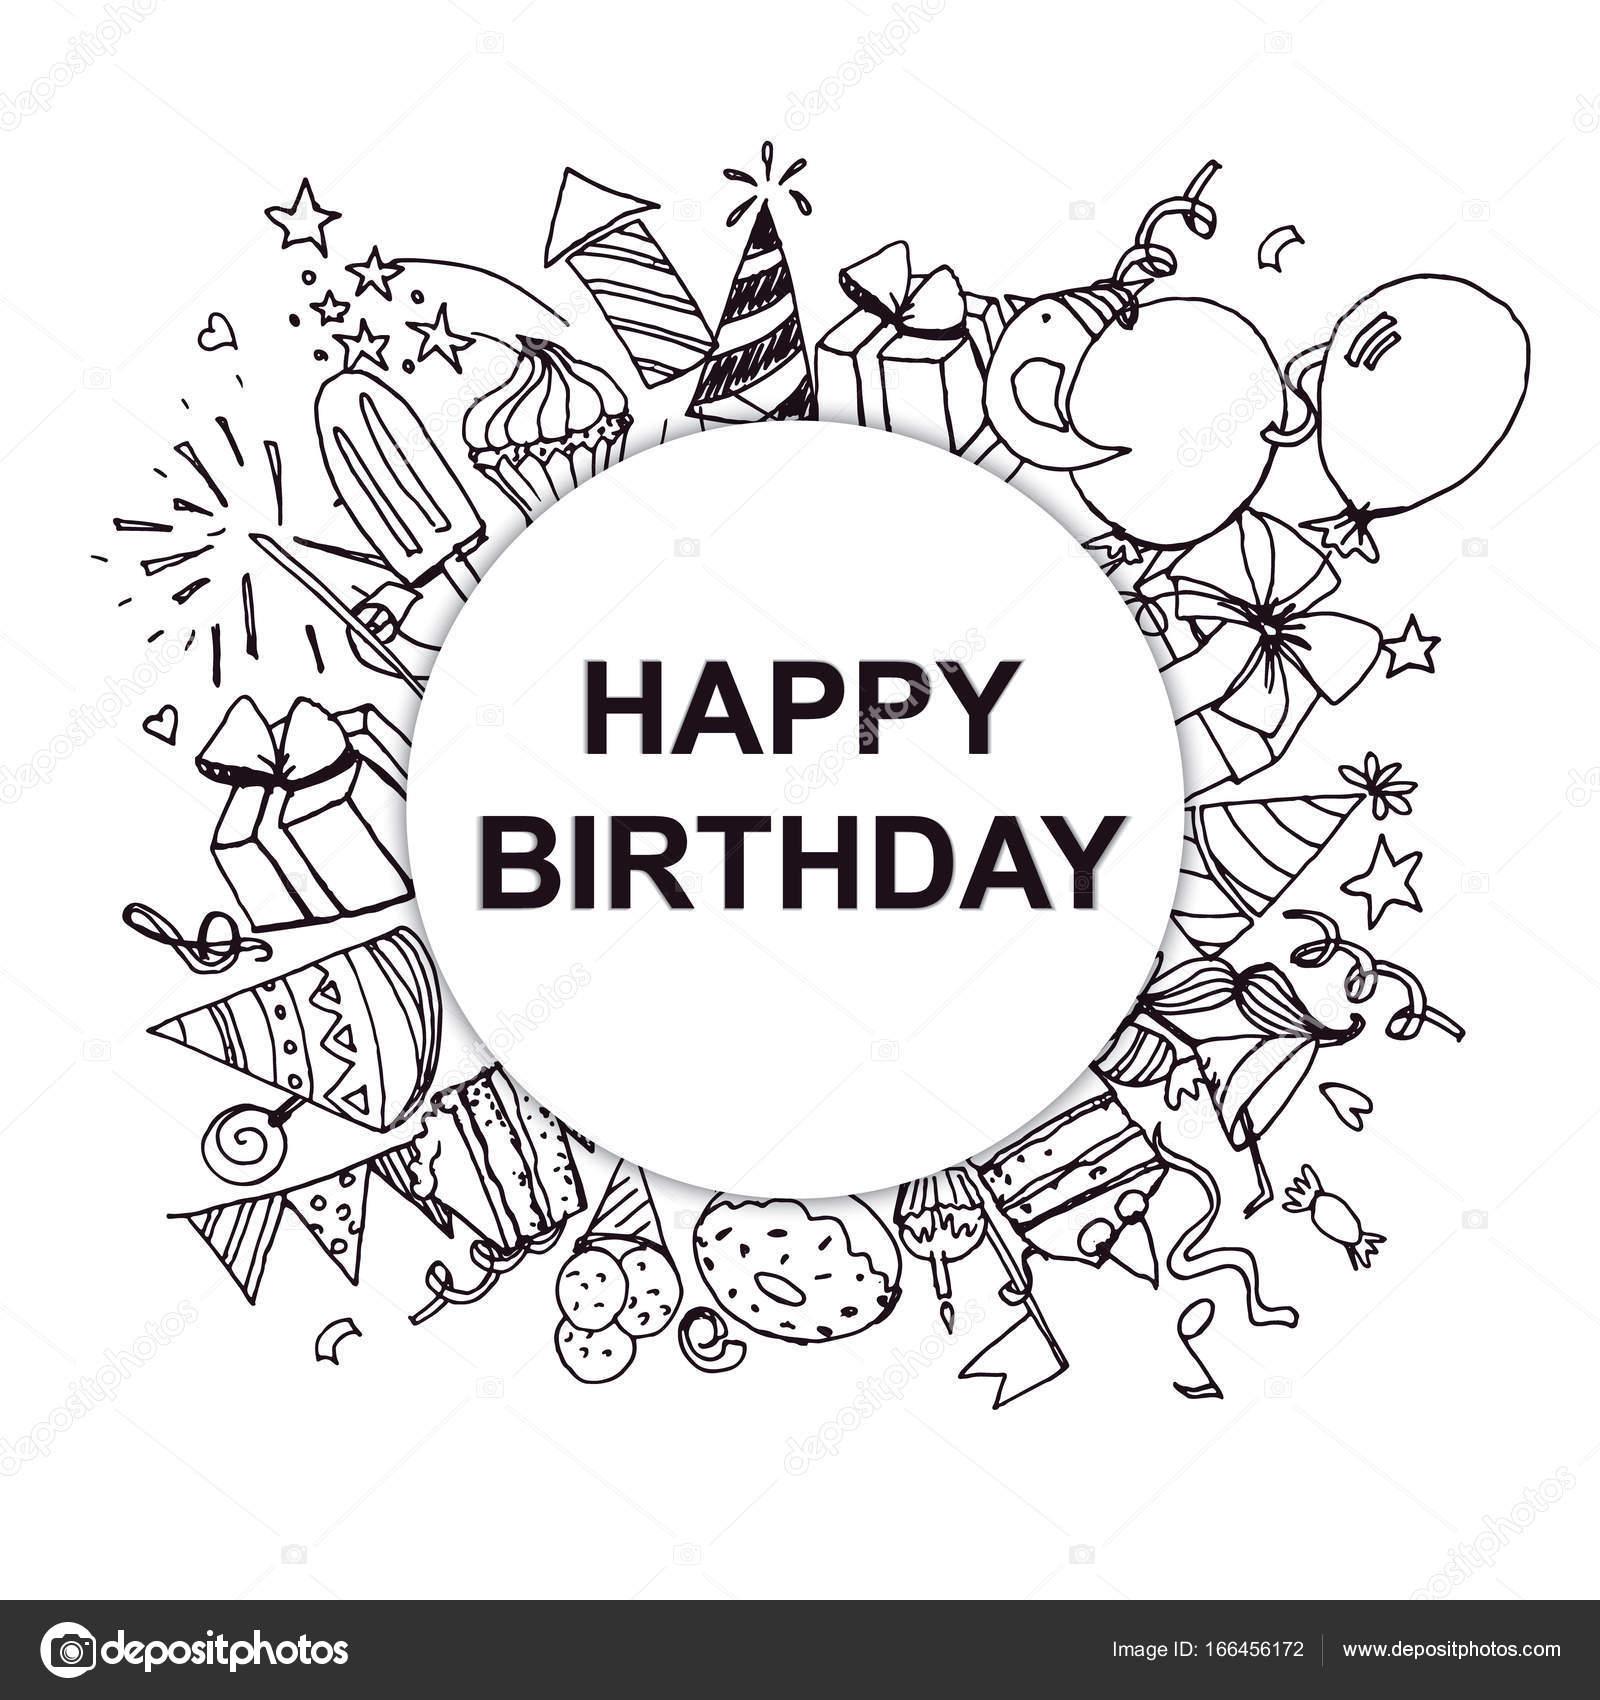 обложка для открытки с днем рождения черно белая помешать злым